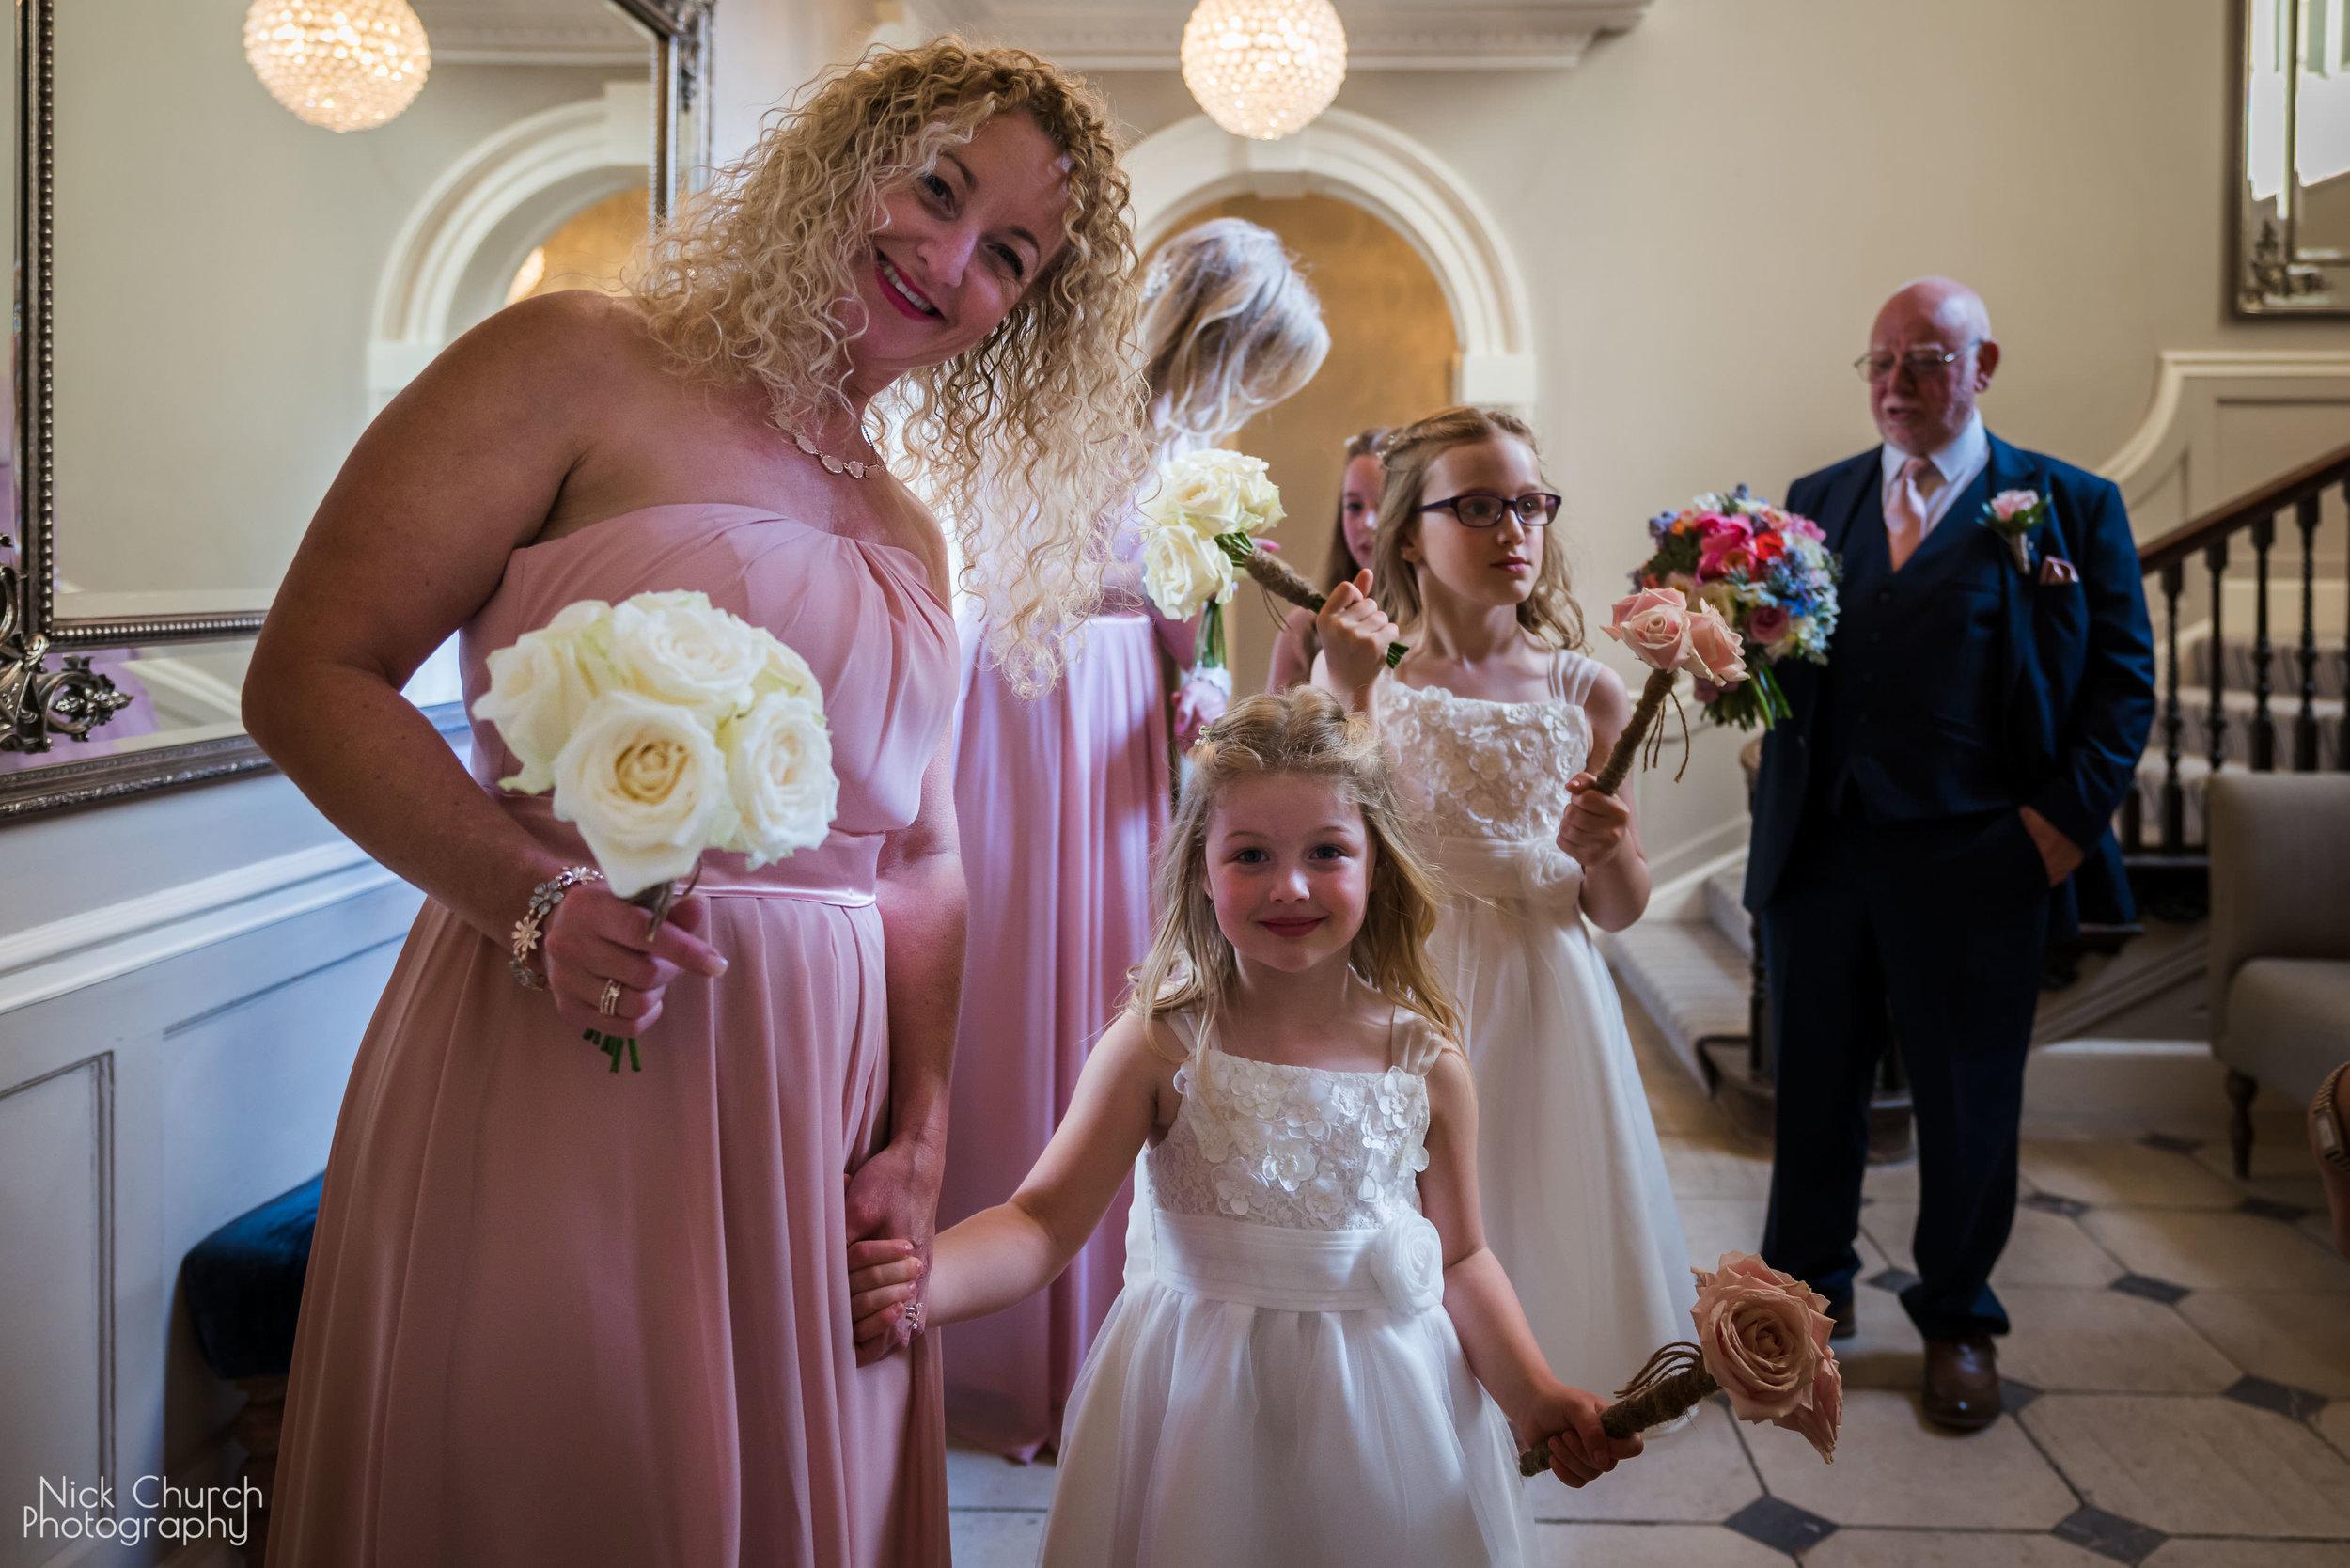 NC-2018-05-07-joanna-and-steve-wedding-0305.jpg